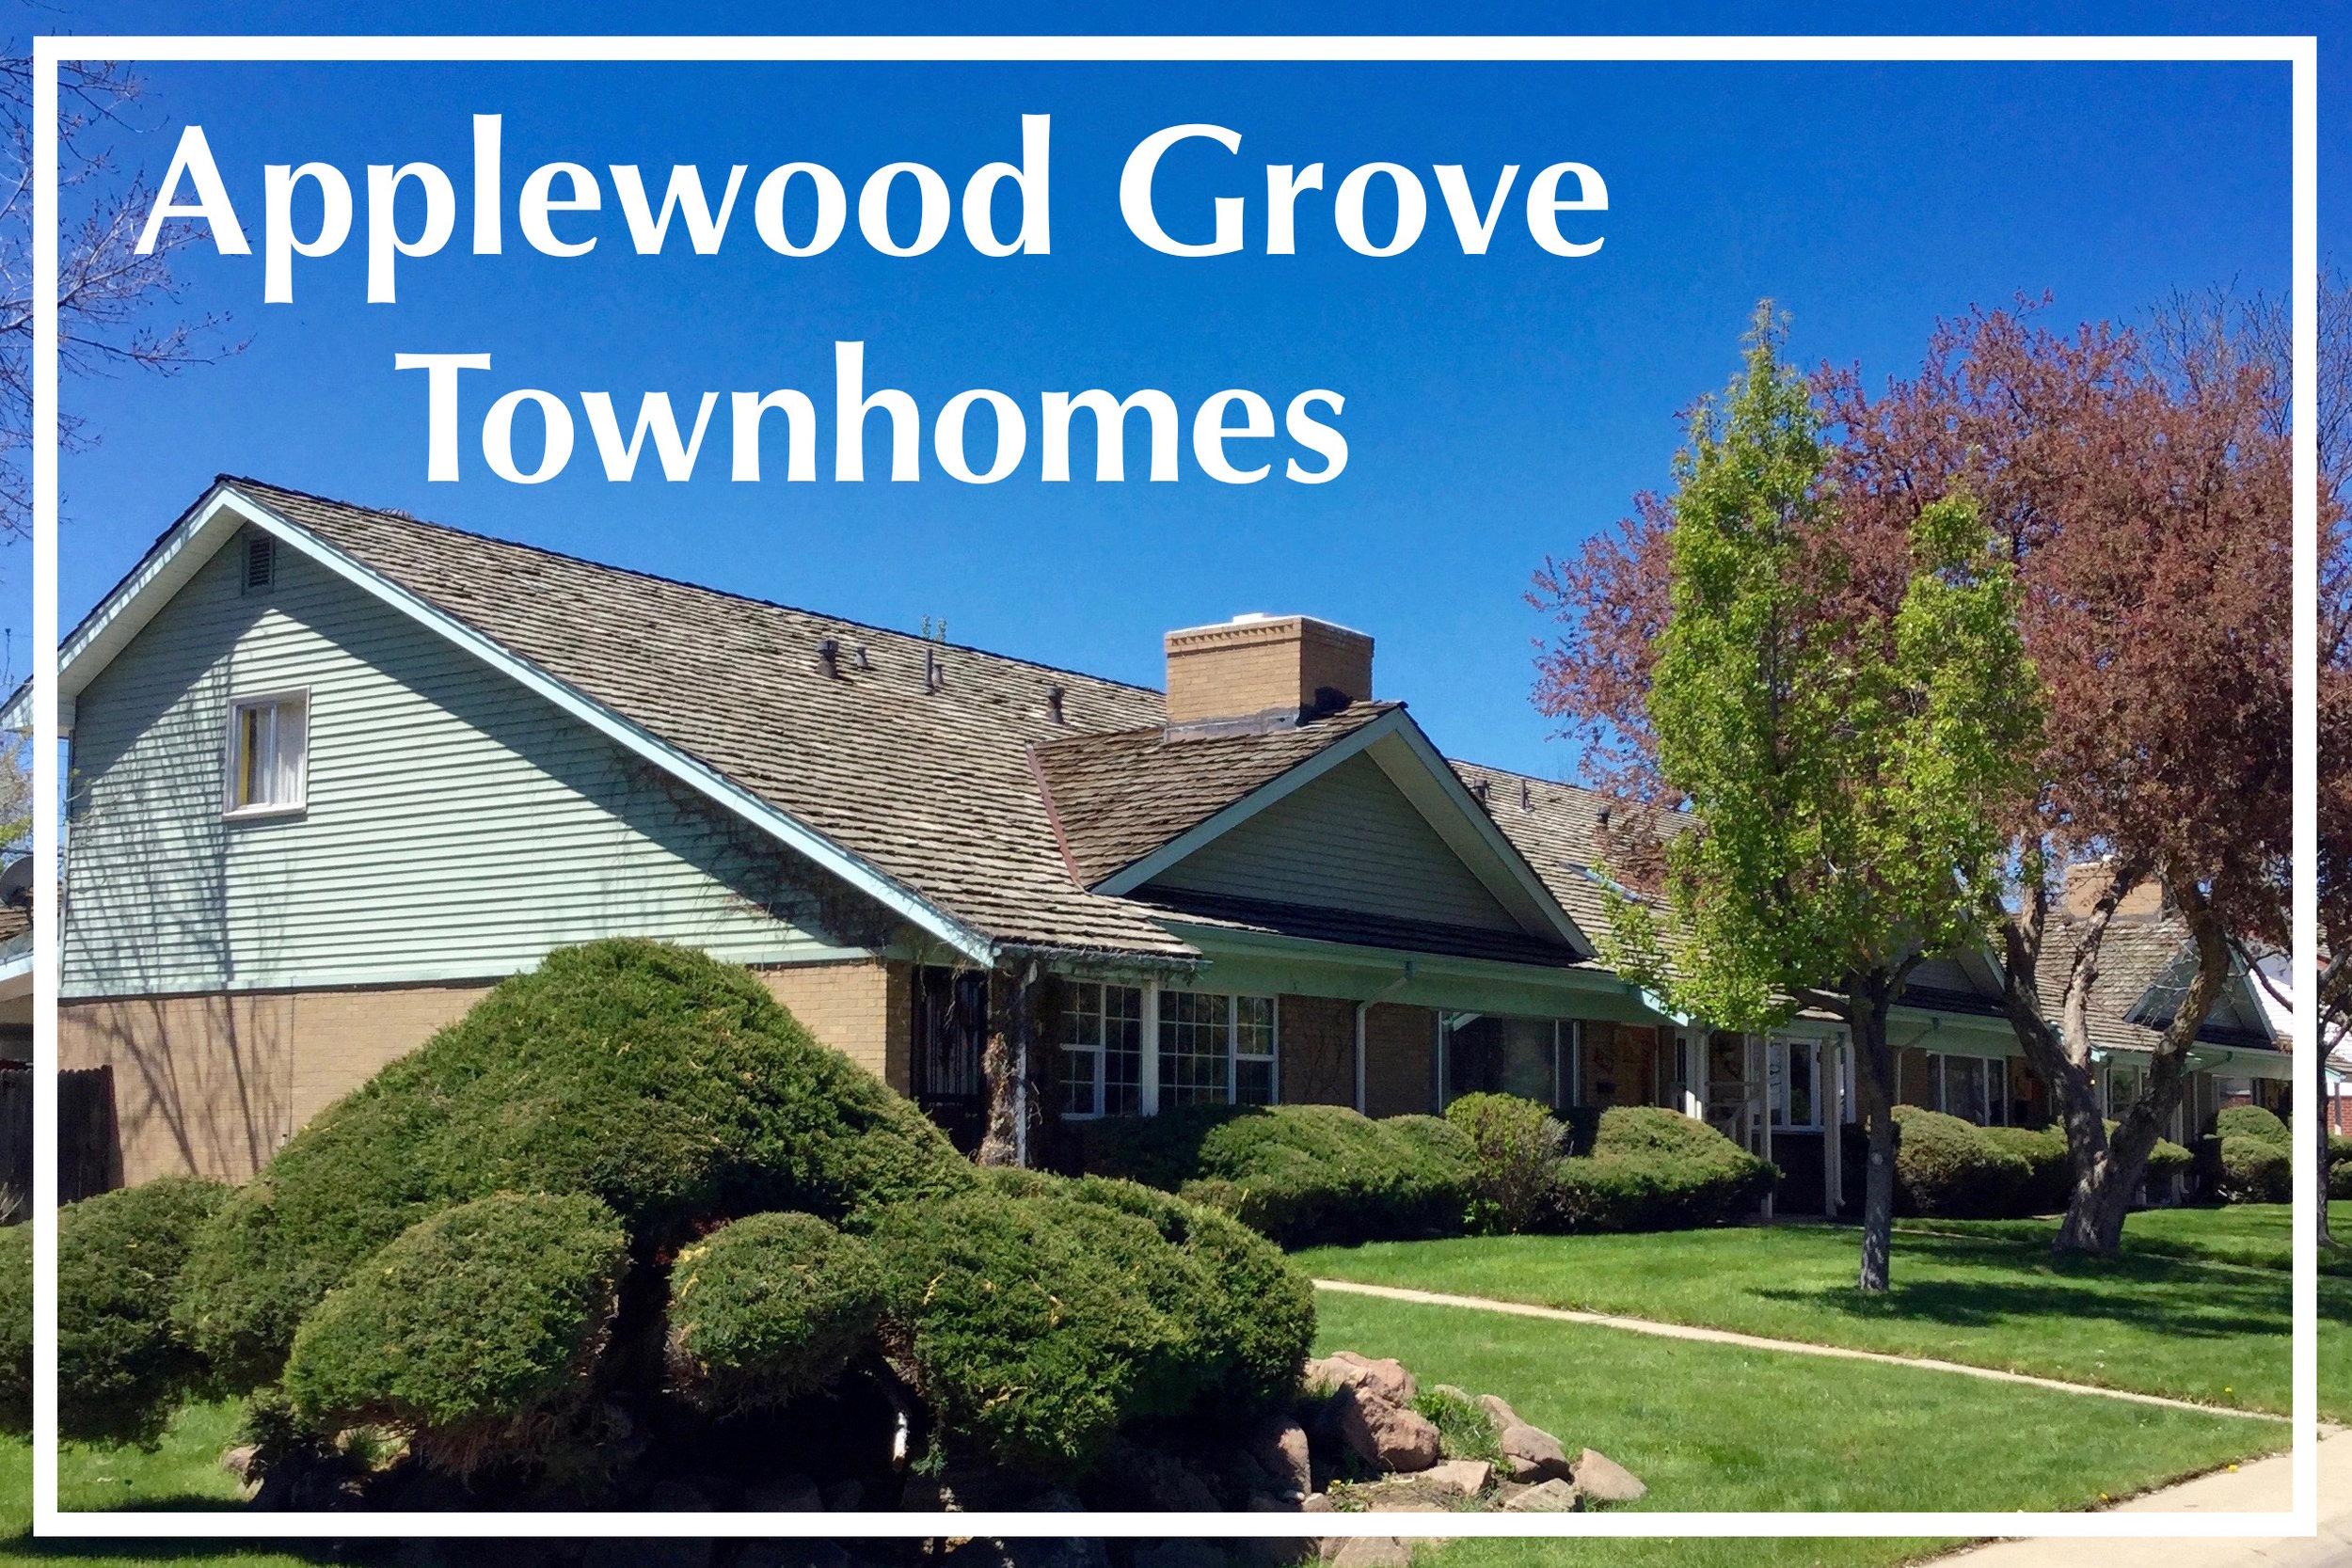 Applewood Grove Townhomes.jpg